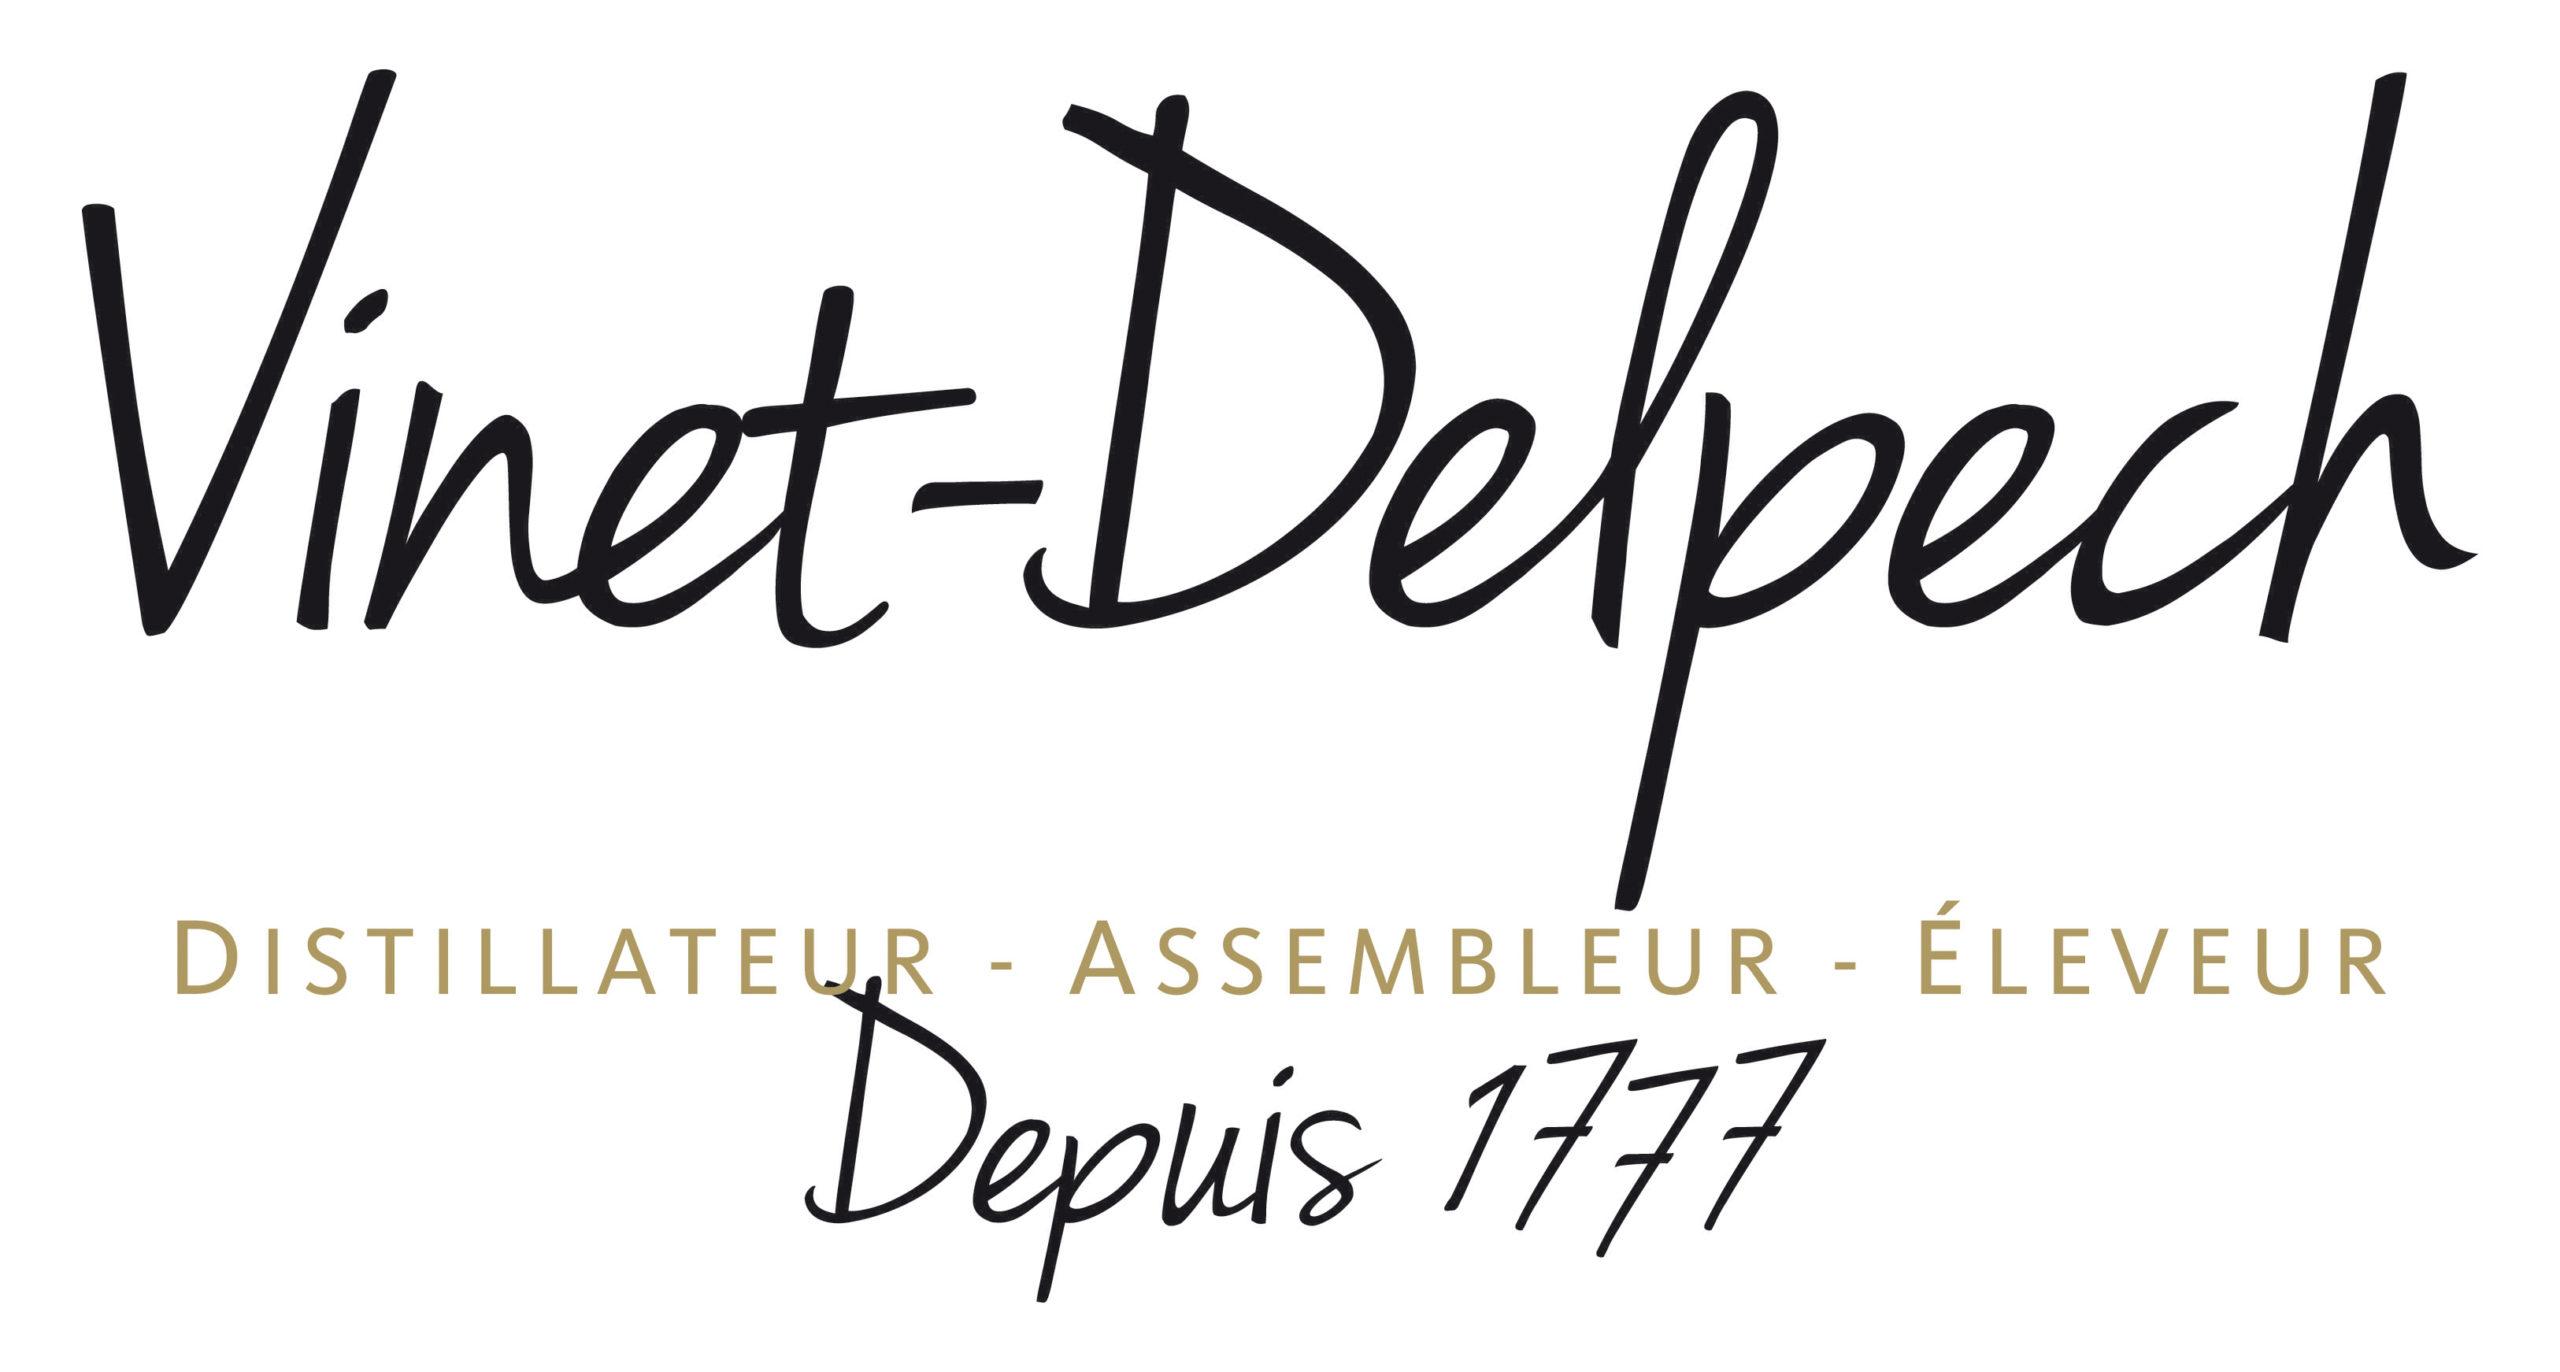 Distillerie Vinet-Delpech